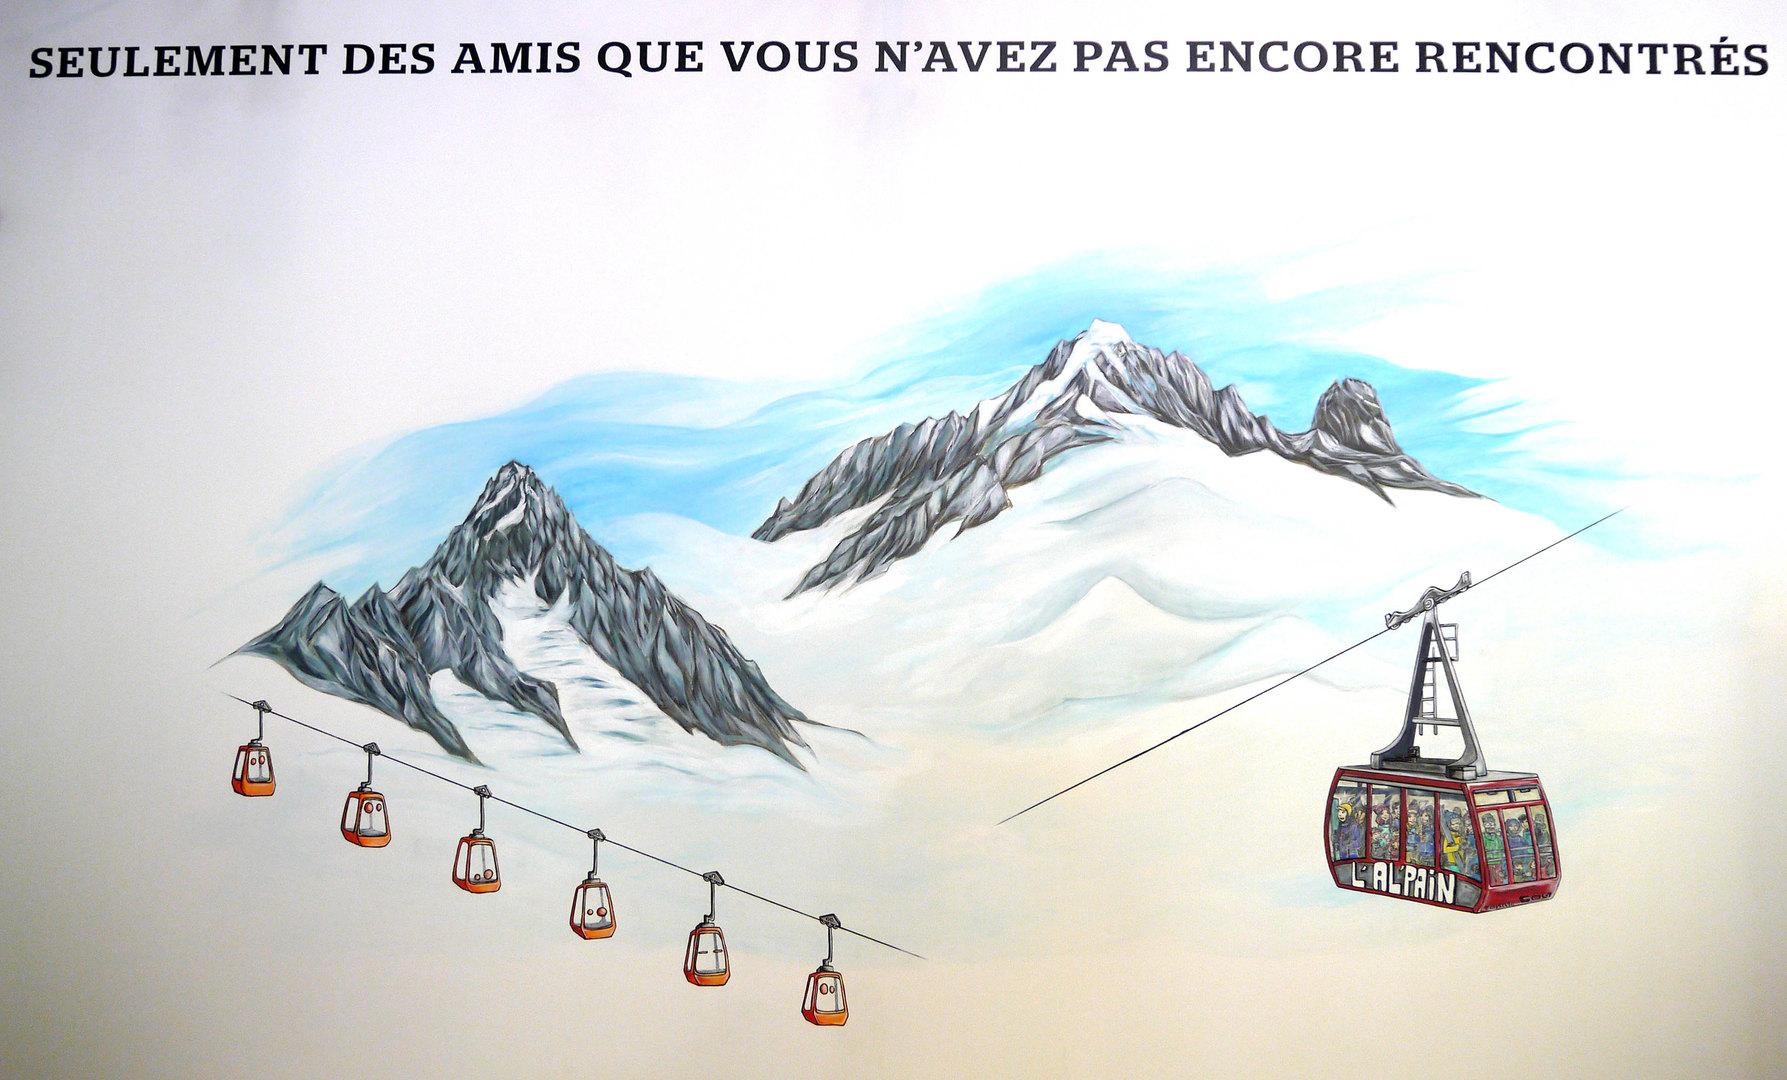 Fresque de l'Alpain